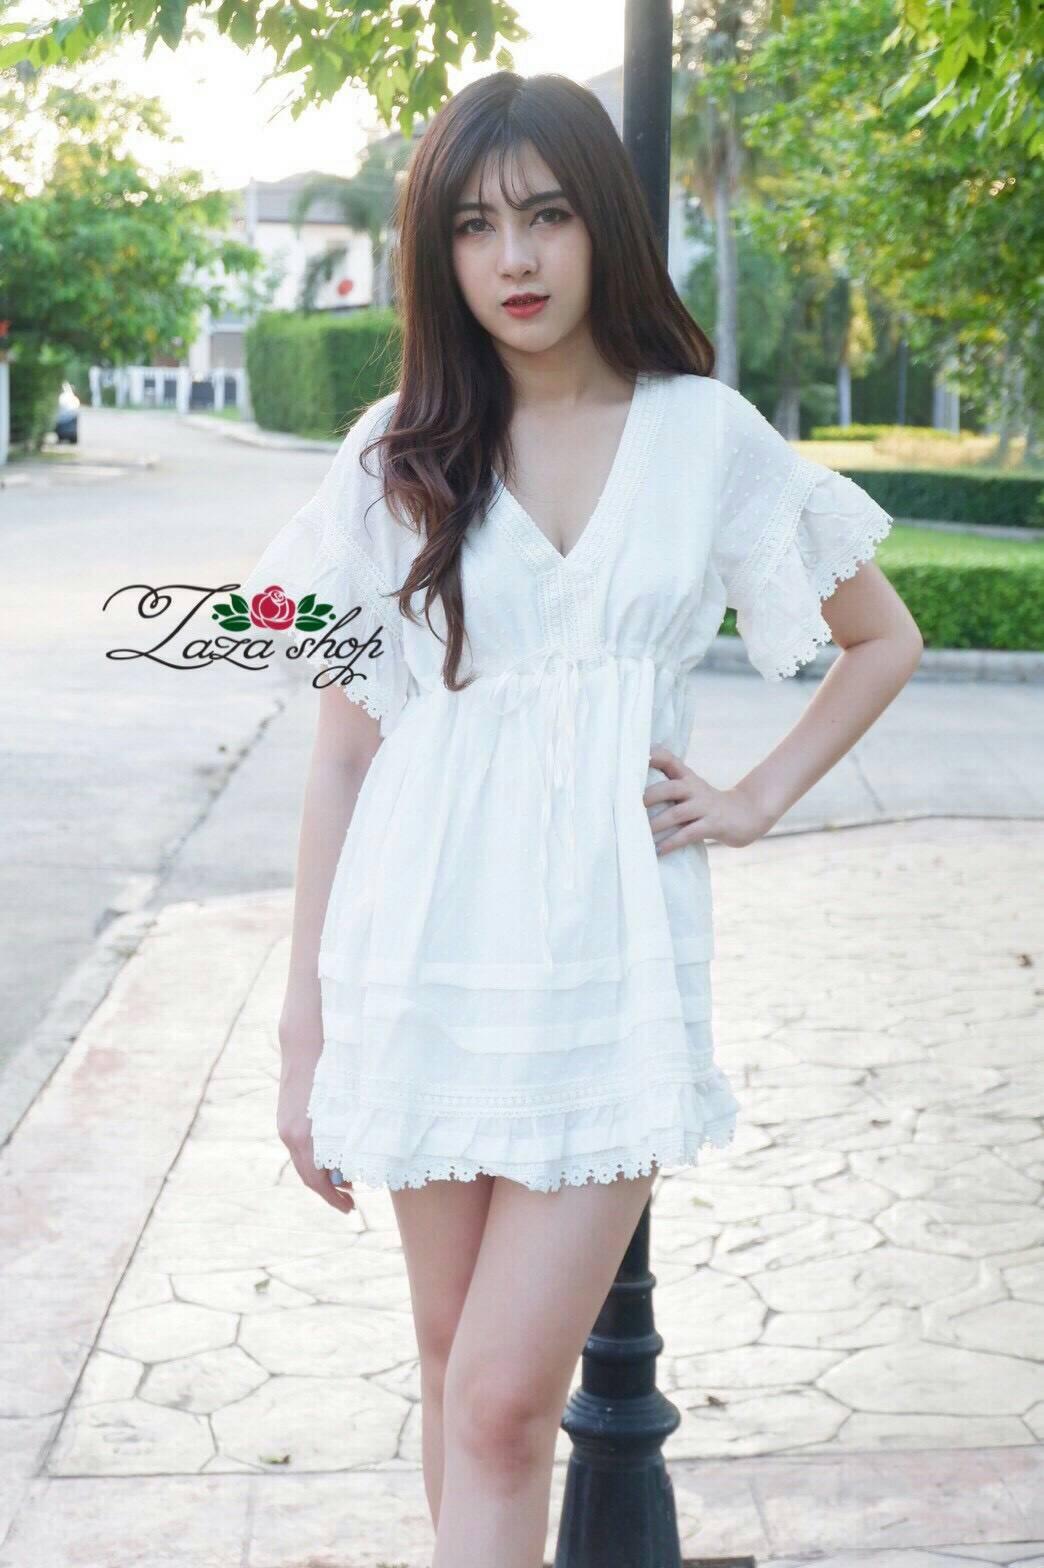 ผ้าฝ้ายเนื้อดี ผูกเชือกช่วงใต้อก ตัวนี้น่ารักมาก สาวๆๆที่หาชุดแนวเกาหลี สั่งเลยจ้ะ ต่อชายแขนลูกไม้ น่ารักฝุด